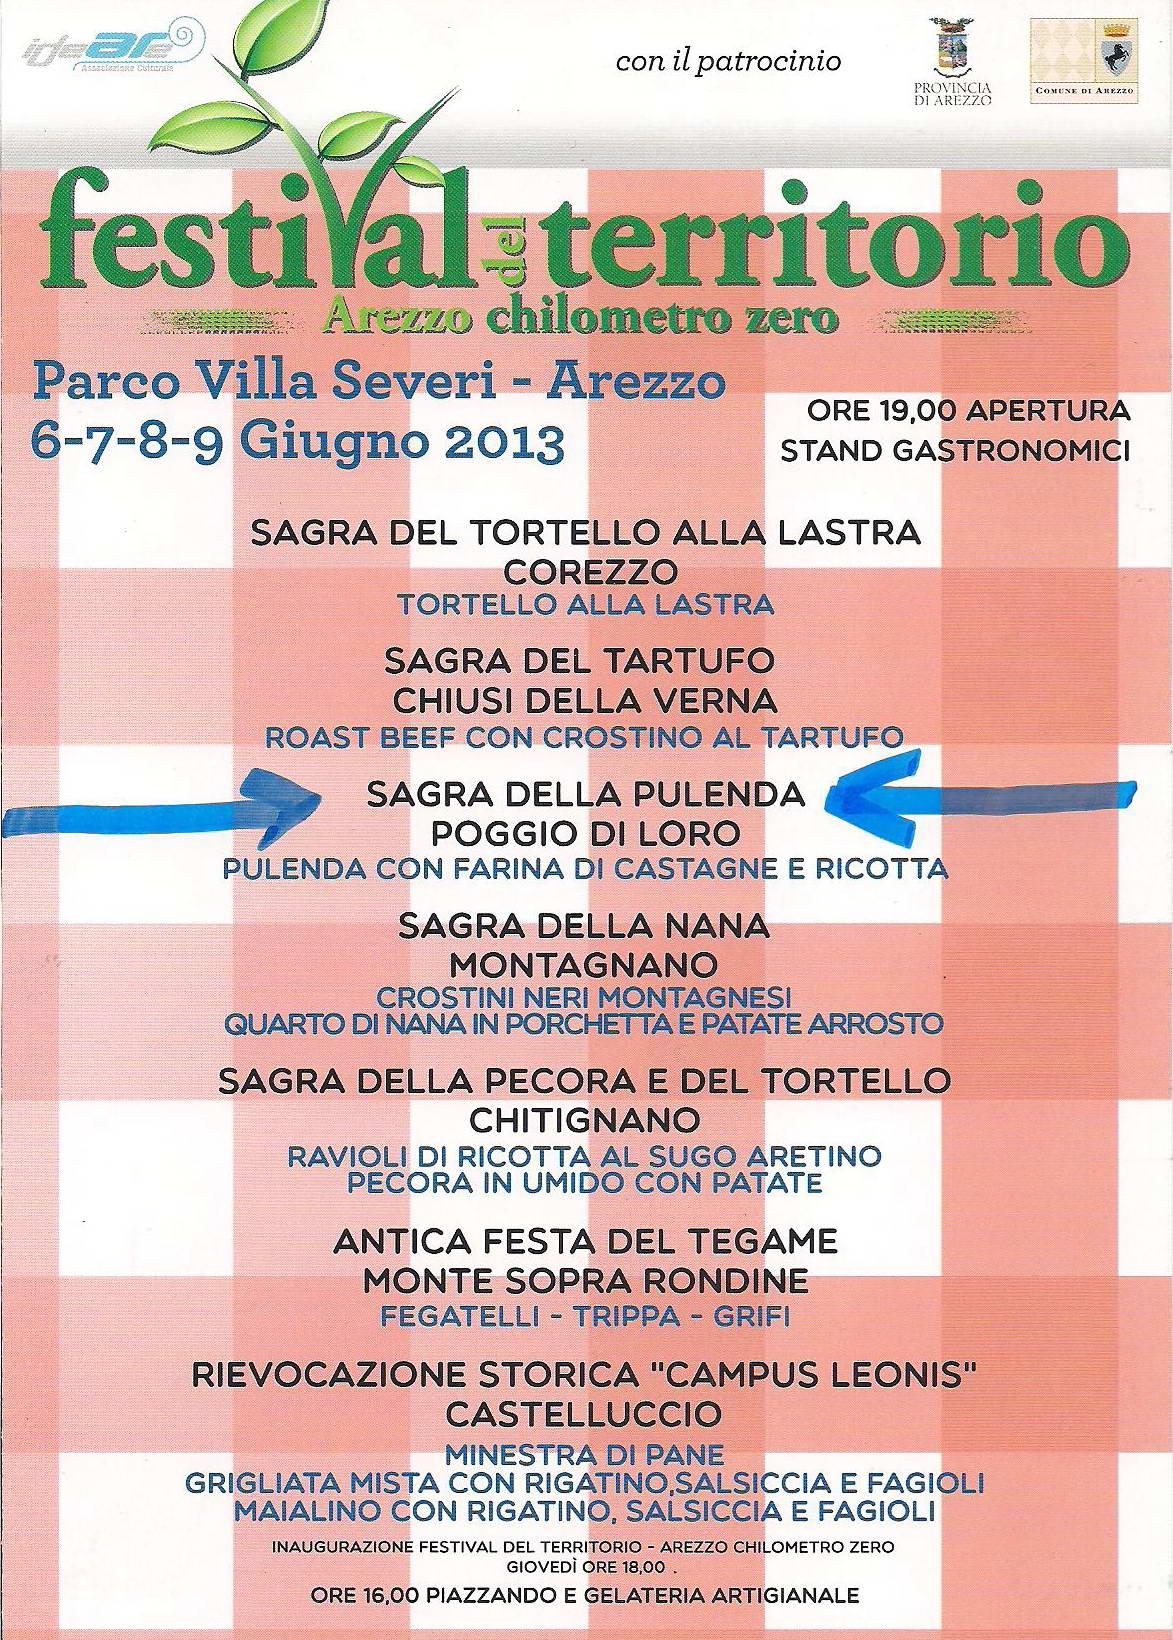 locandina Festival del Territorio - Arezzo chilometro zero